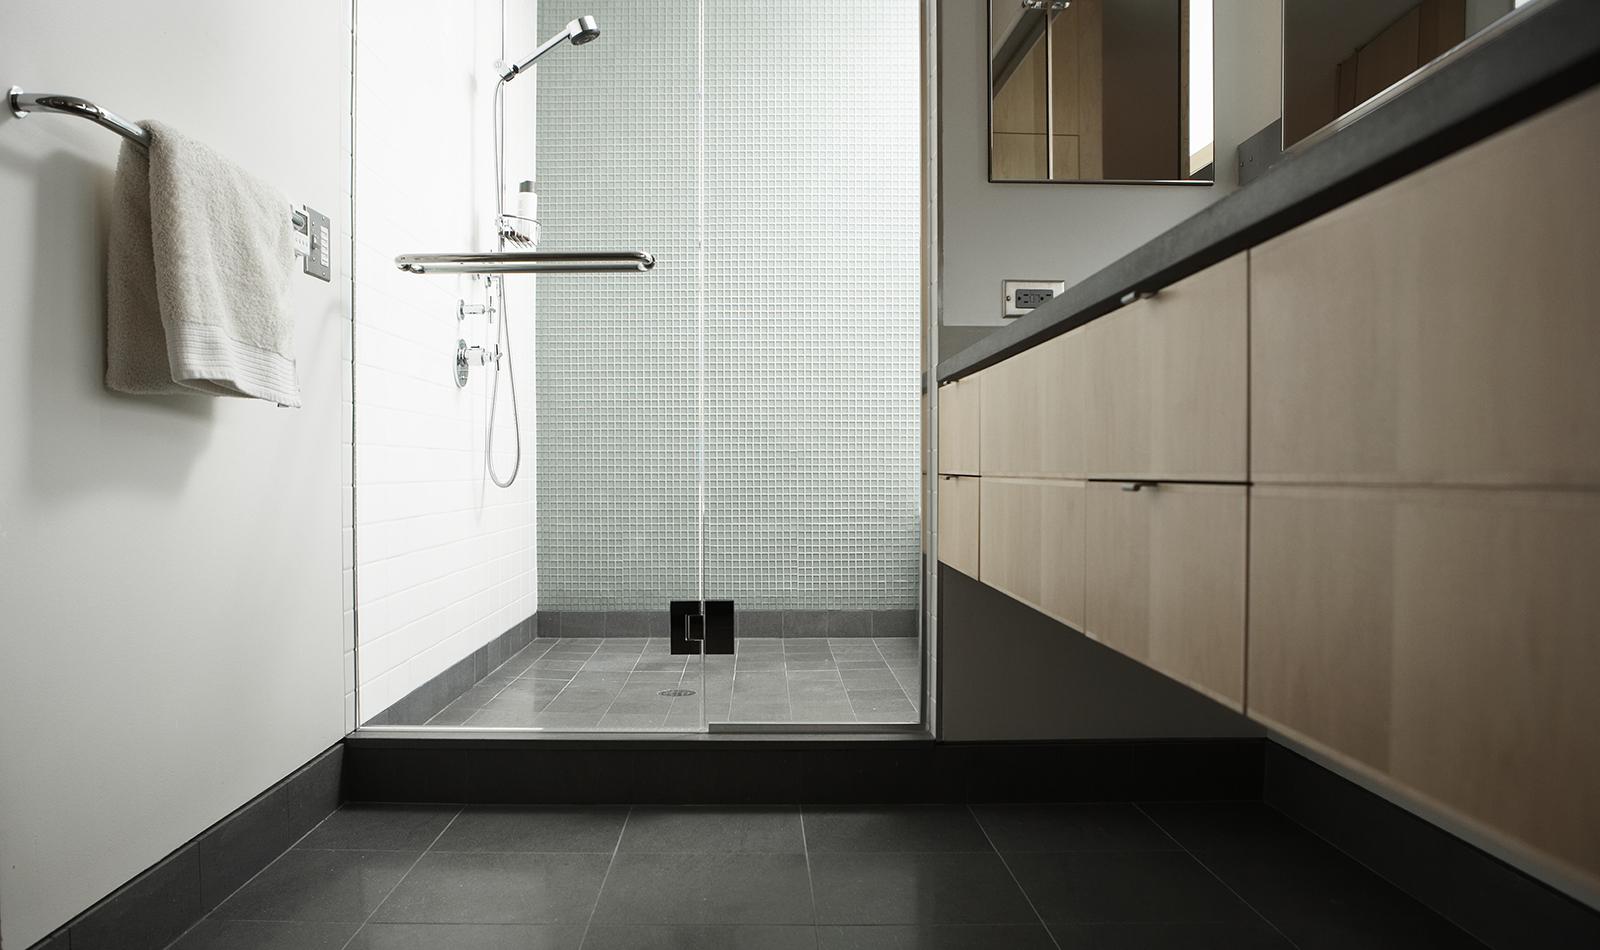 Disponemos de los mejores proveedores y materiales para la reforma de su baño....actualízate